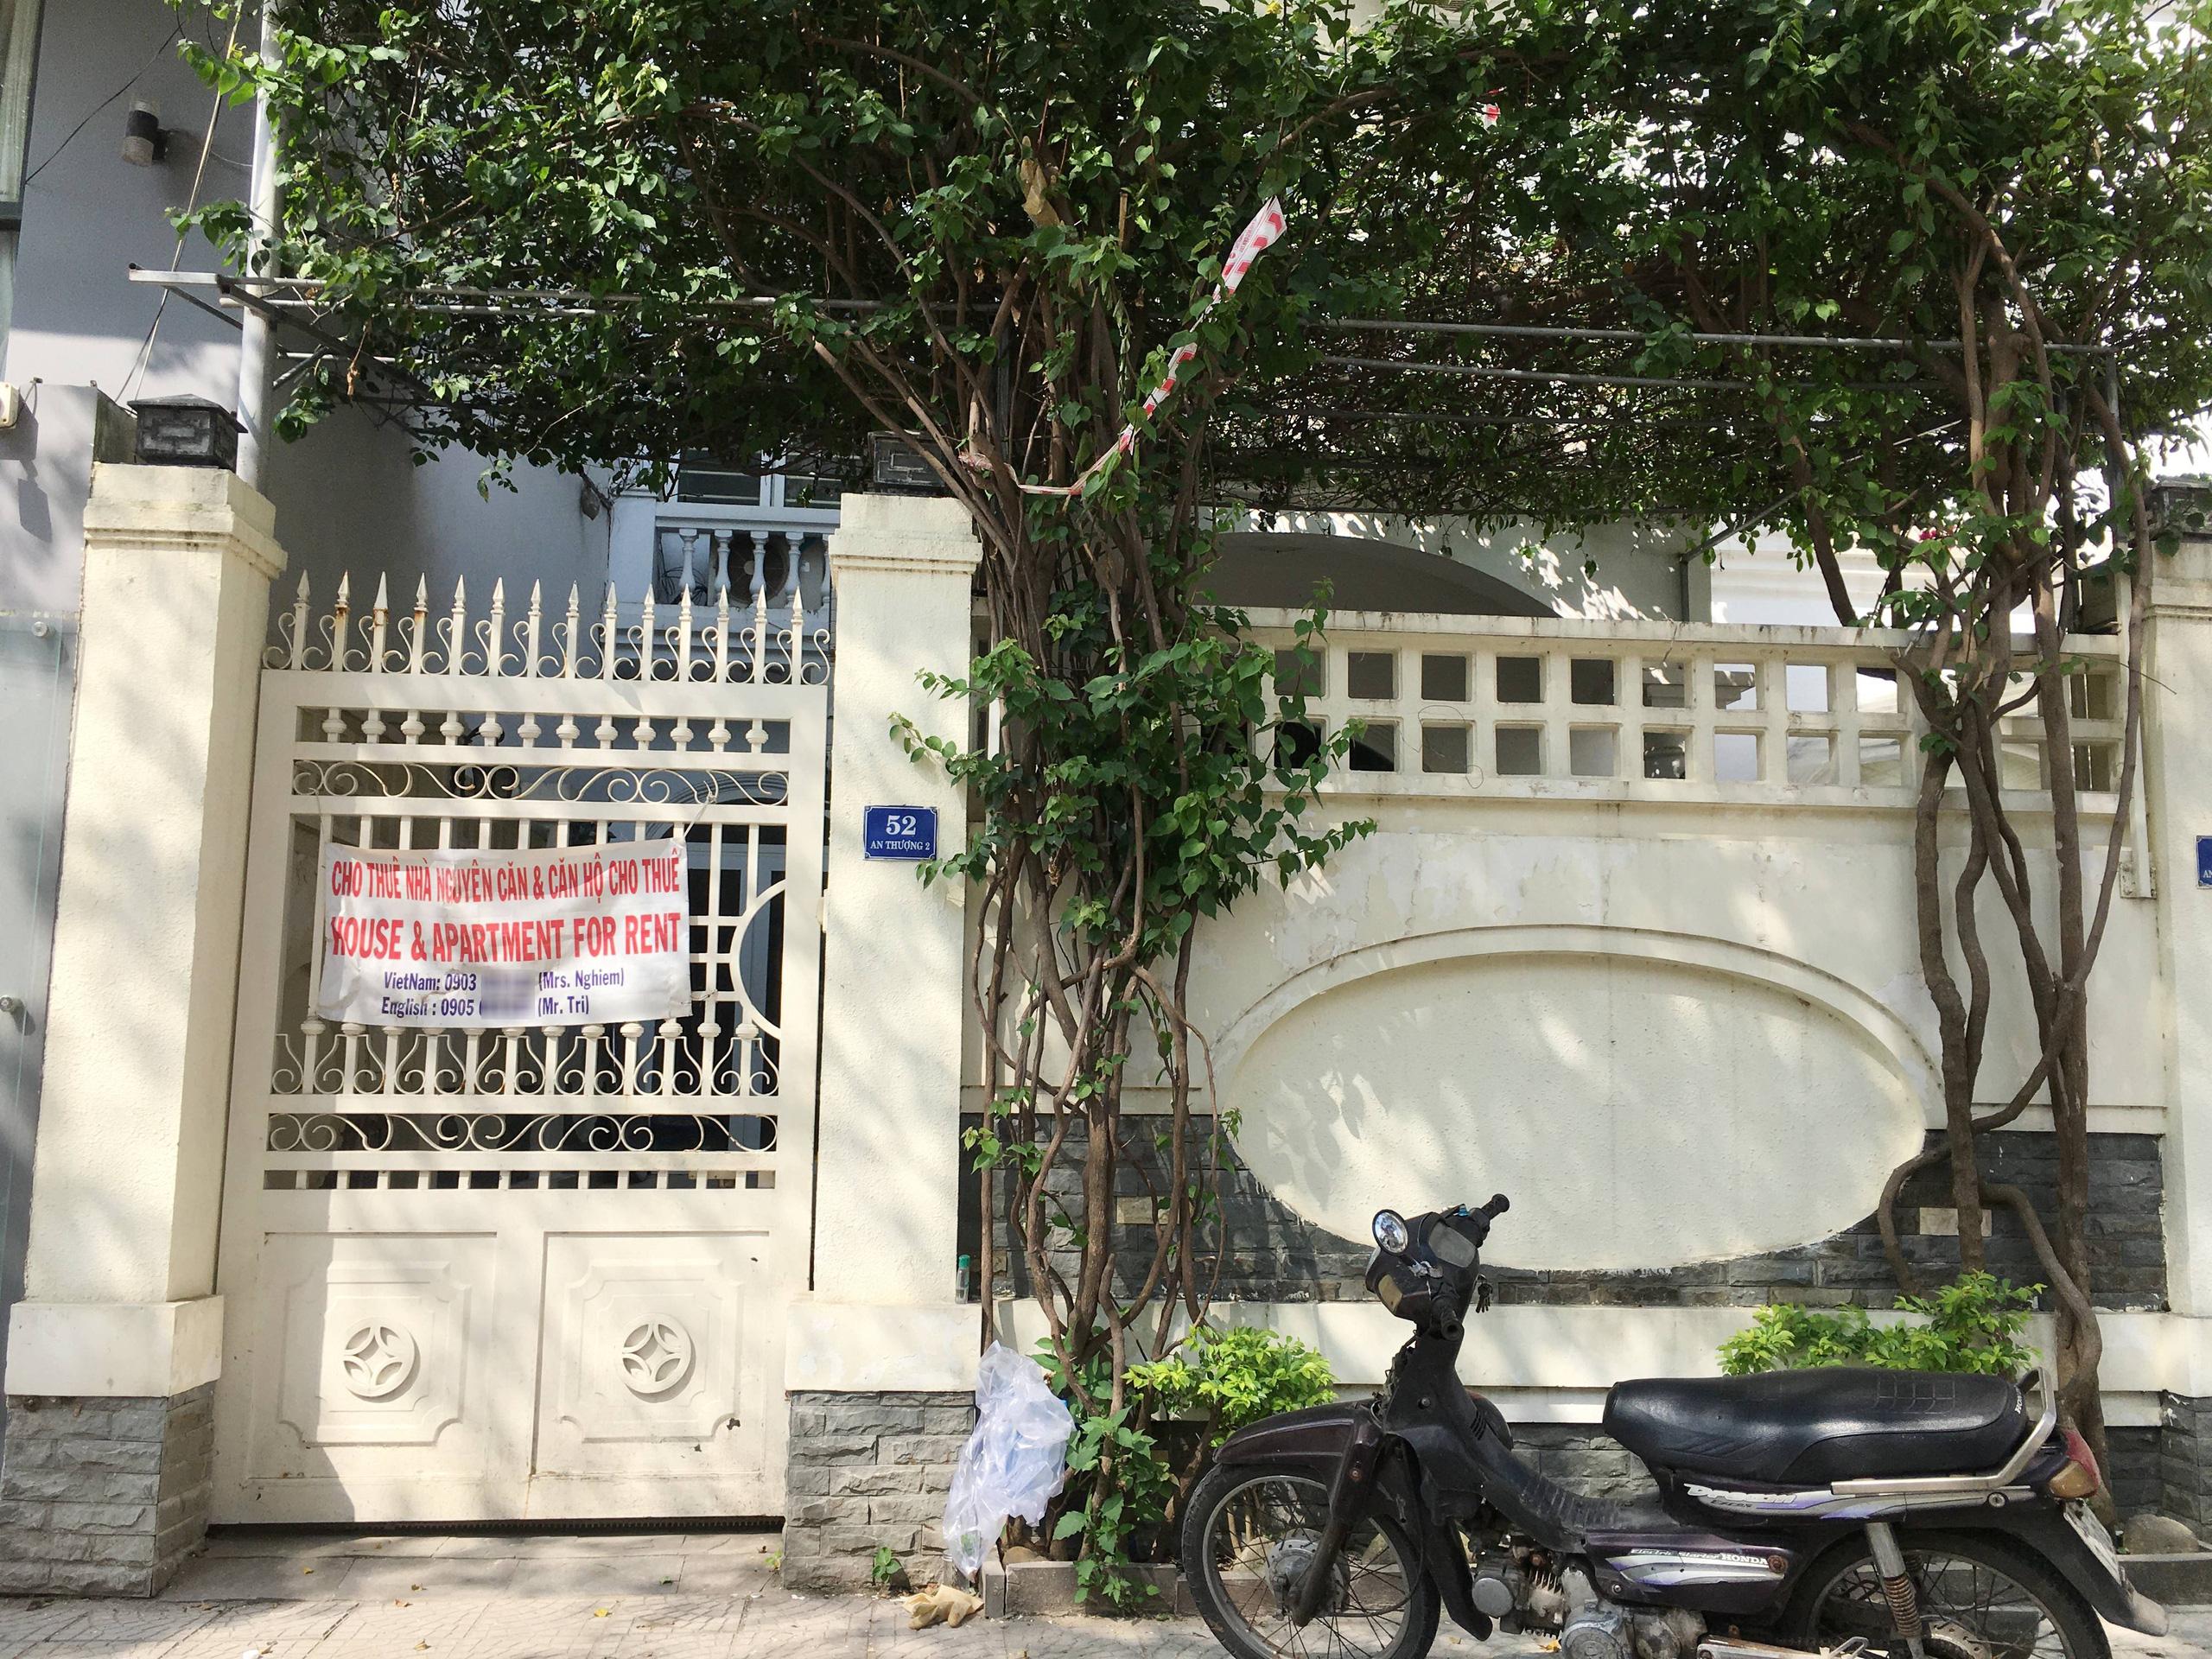 Rao bán nhà ồ ạt ở phố Tây Đà Nẵng, thấp nhất 110 triệu/m2 - Ảnh 6.